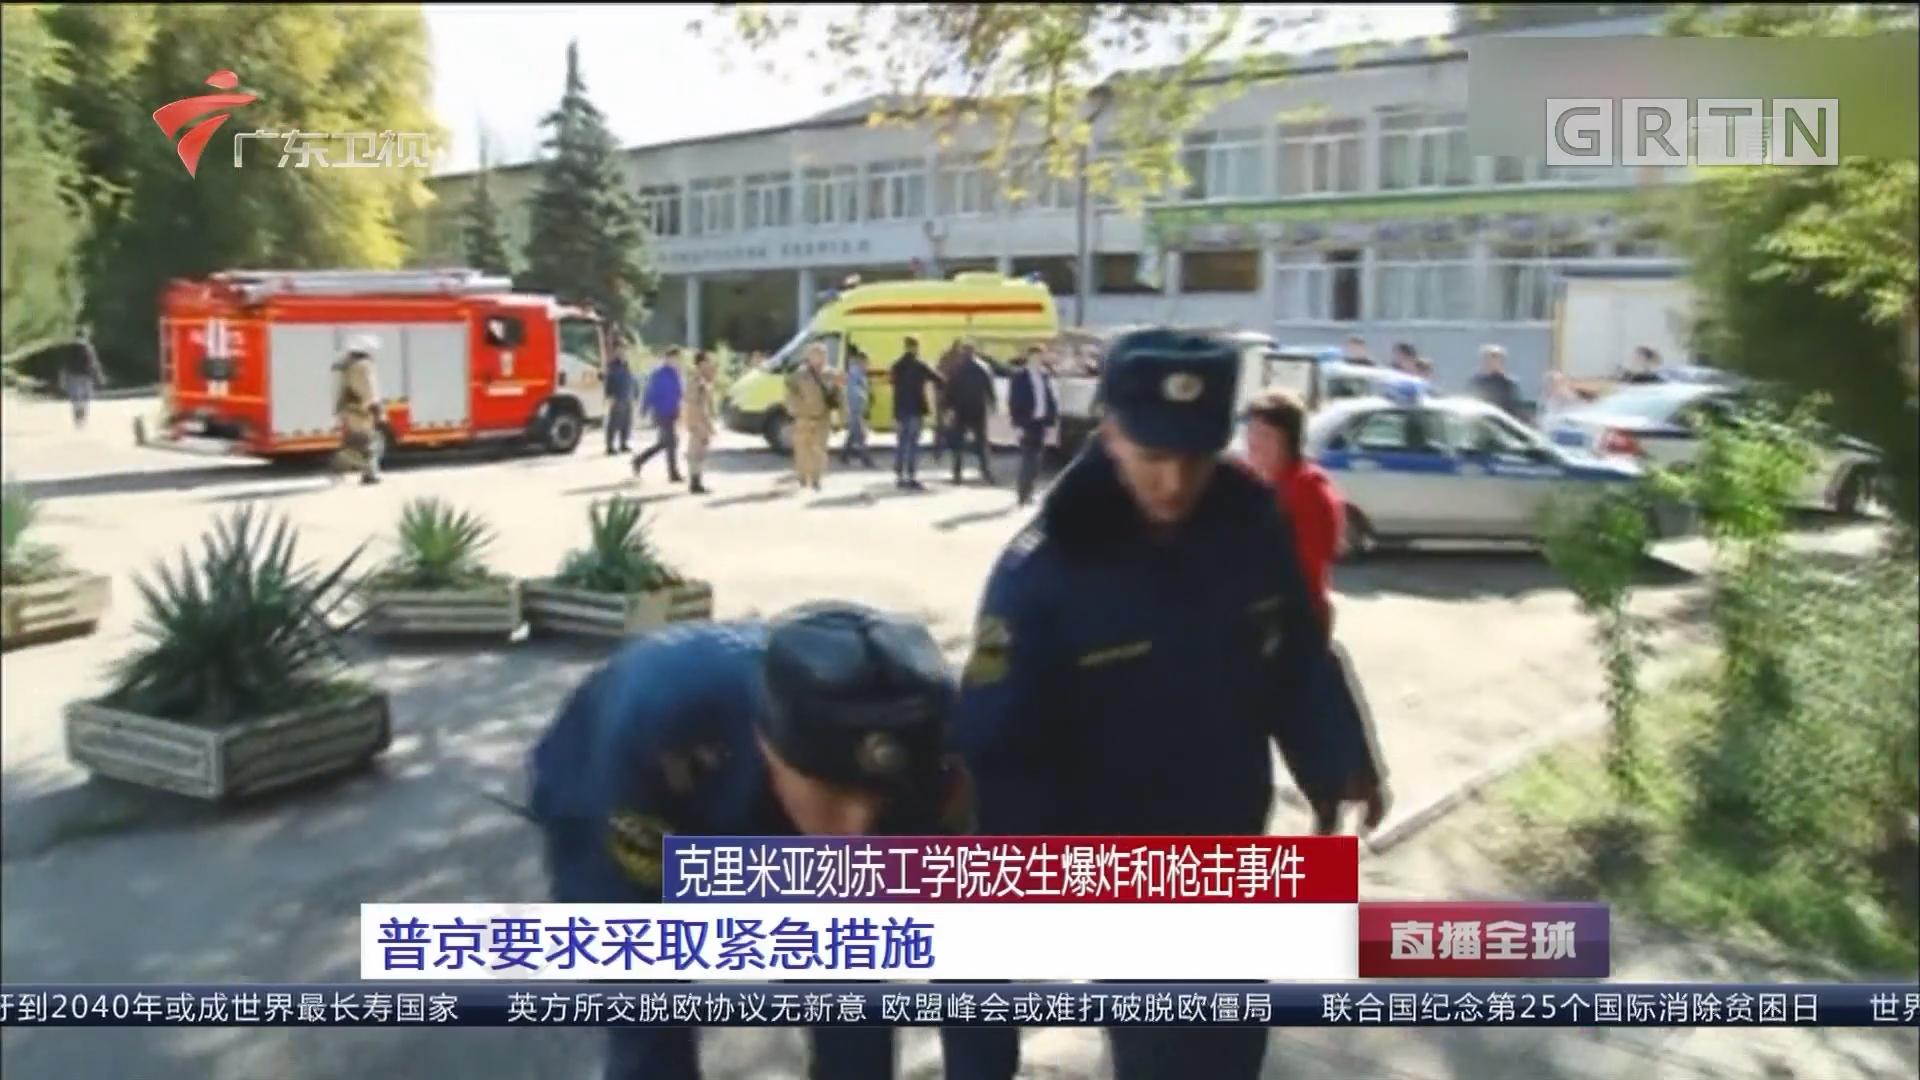 克里米亚刻赤工学院发生爆炸和枪击事件:已致19人死亡 47人受伤